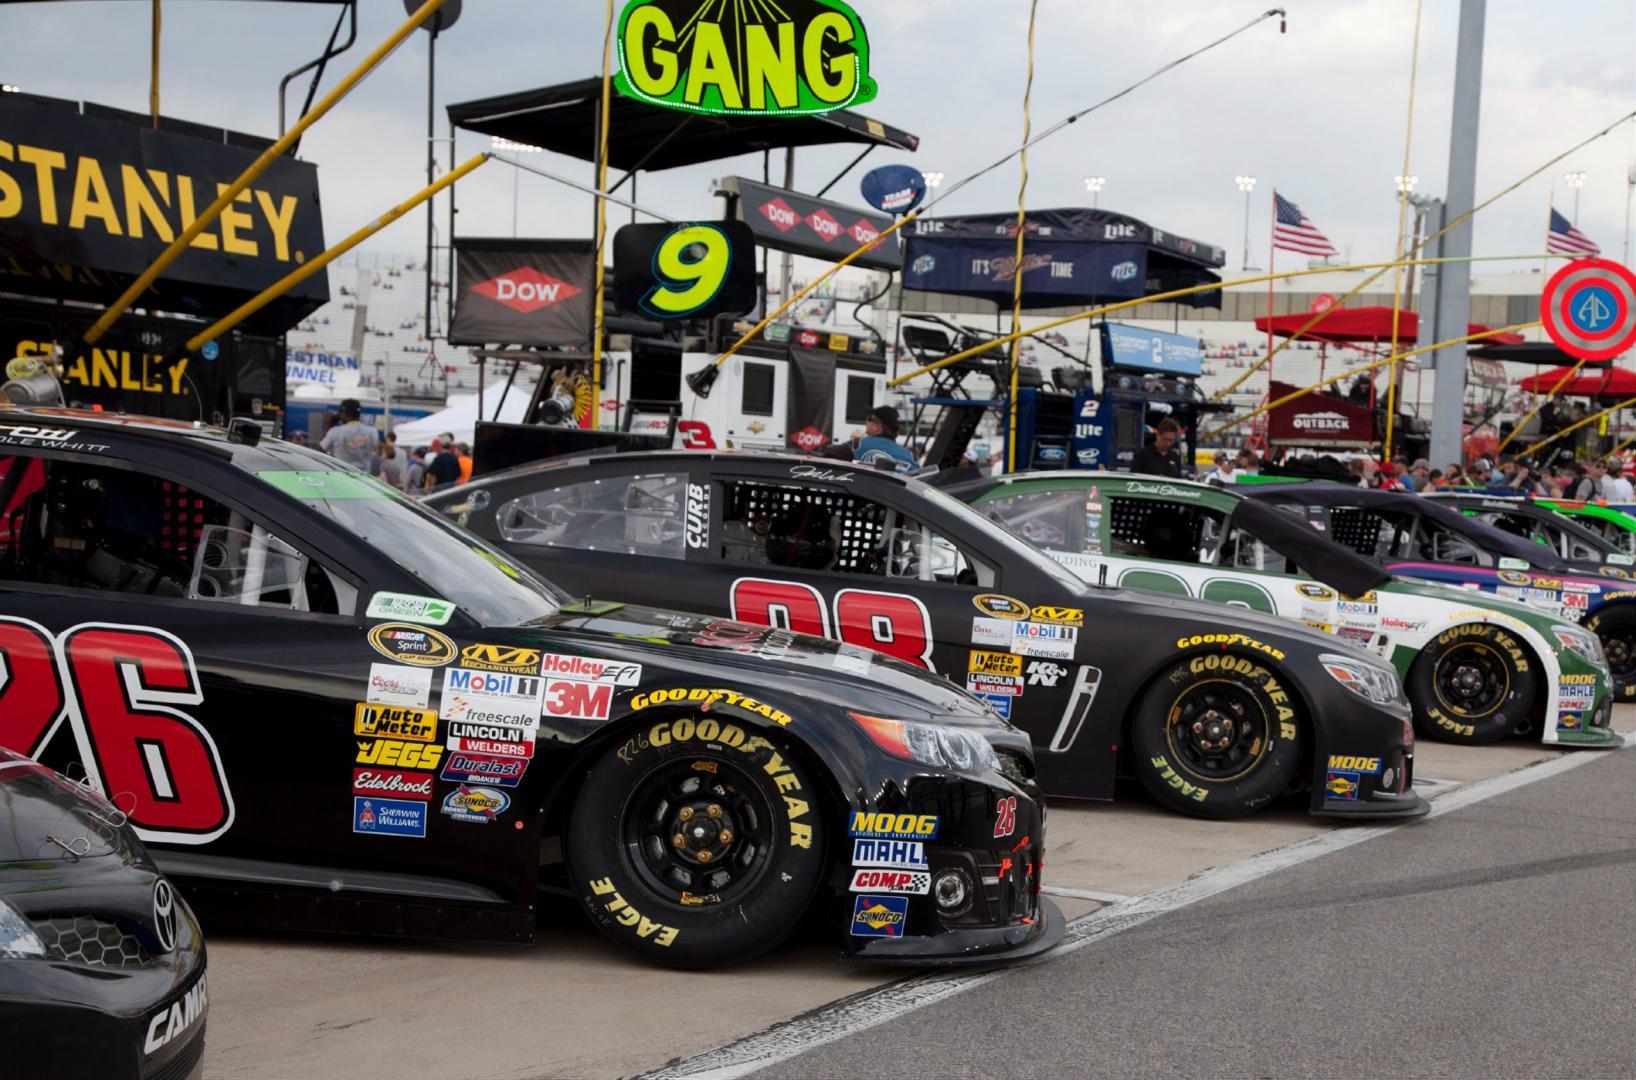 Stock cars Nascar pitlane rij